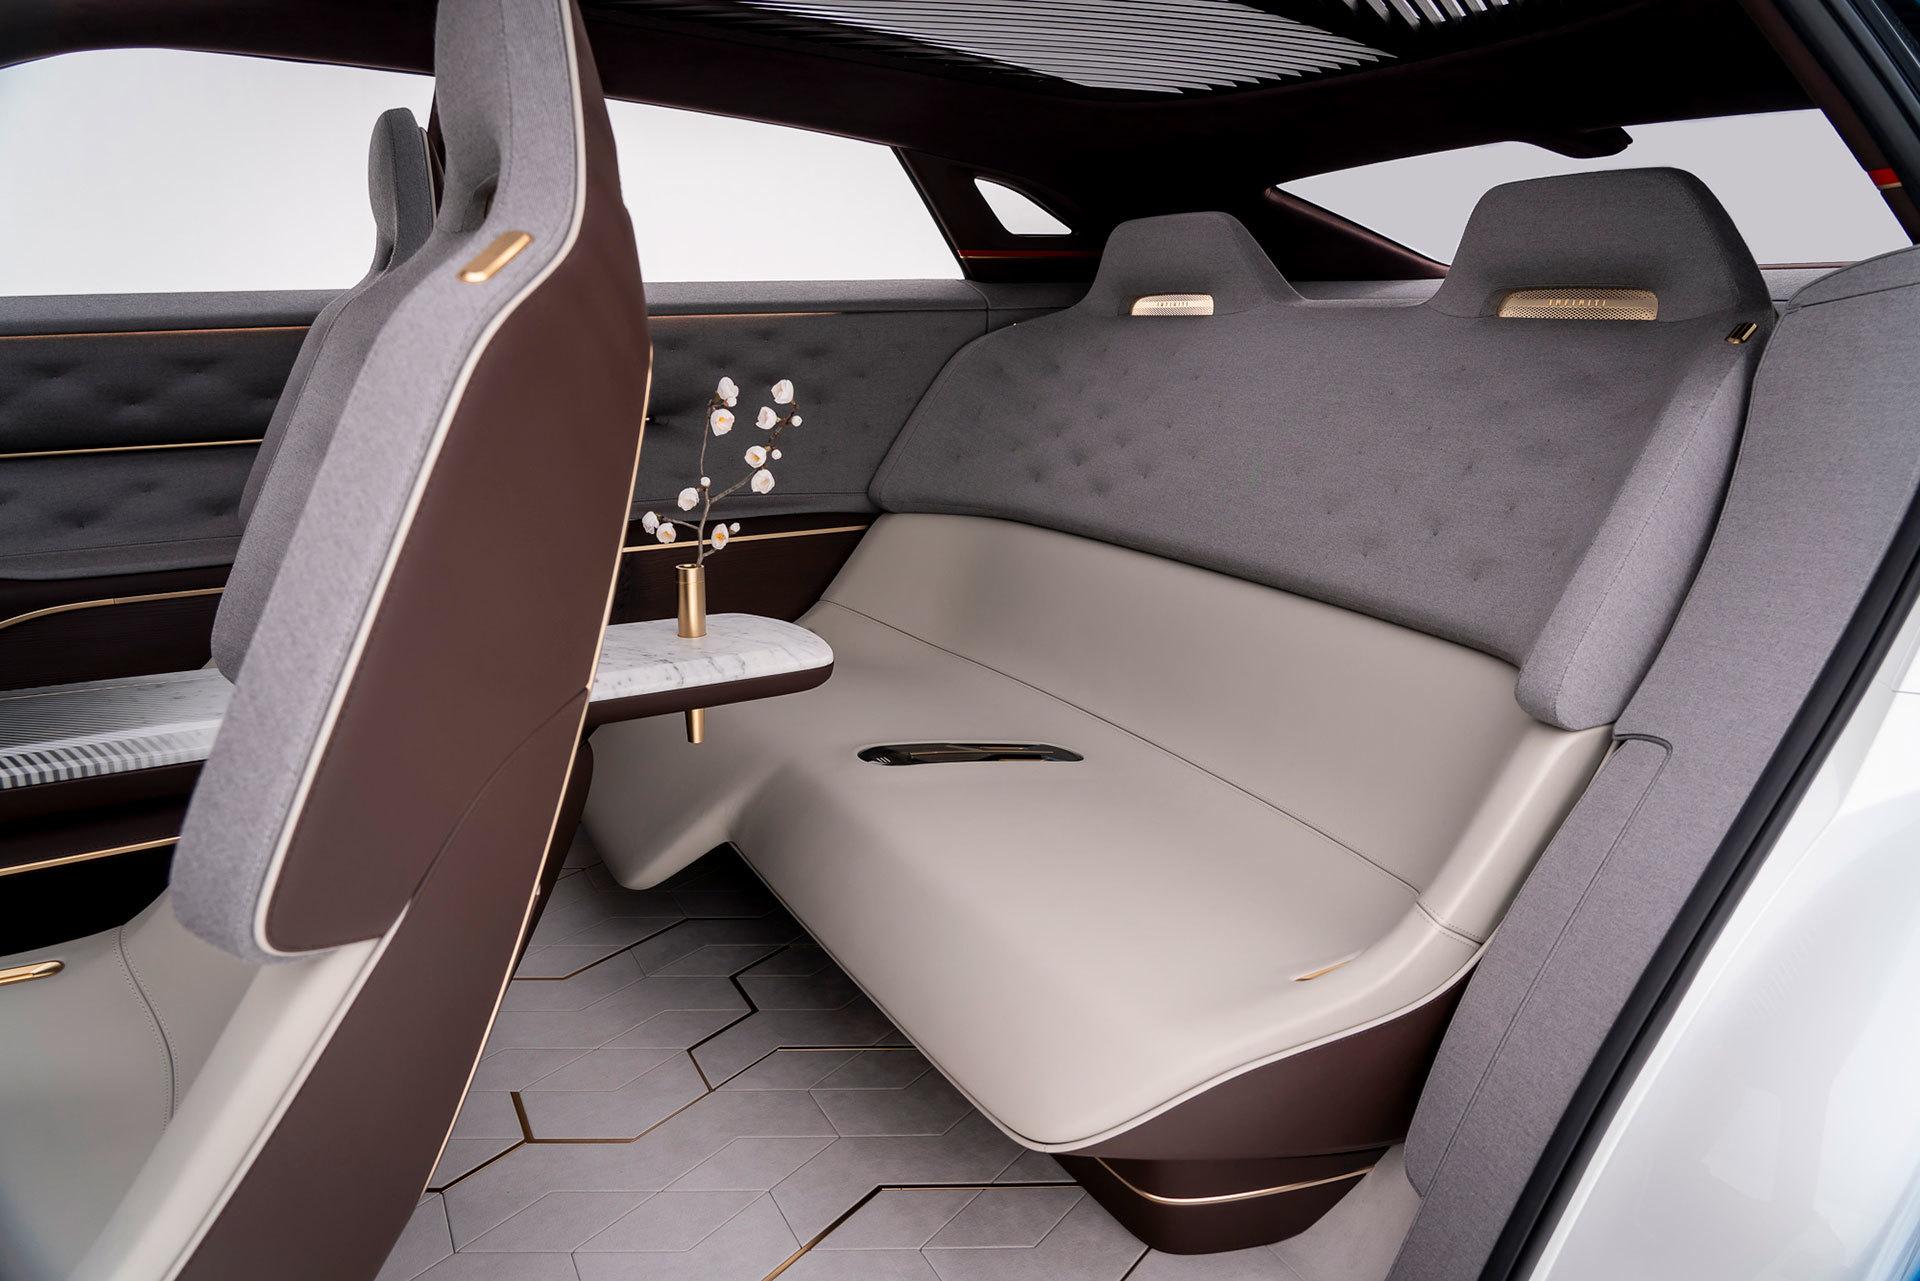 Infiniti Qx Concept Interior 04